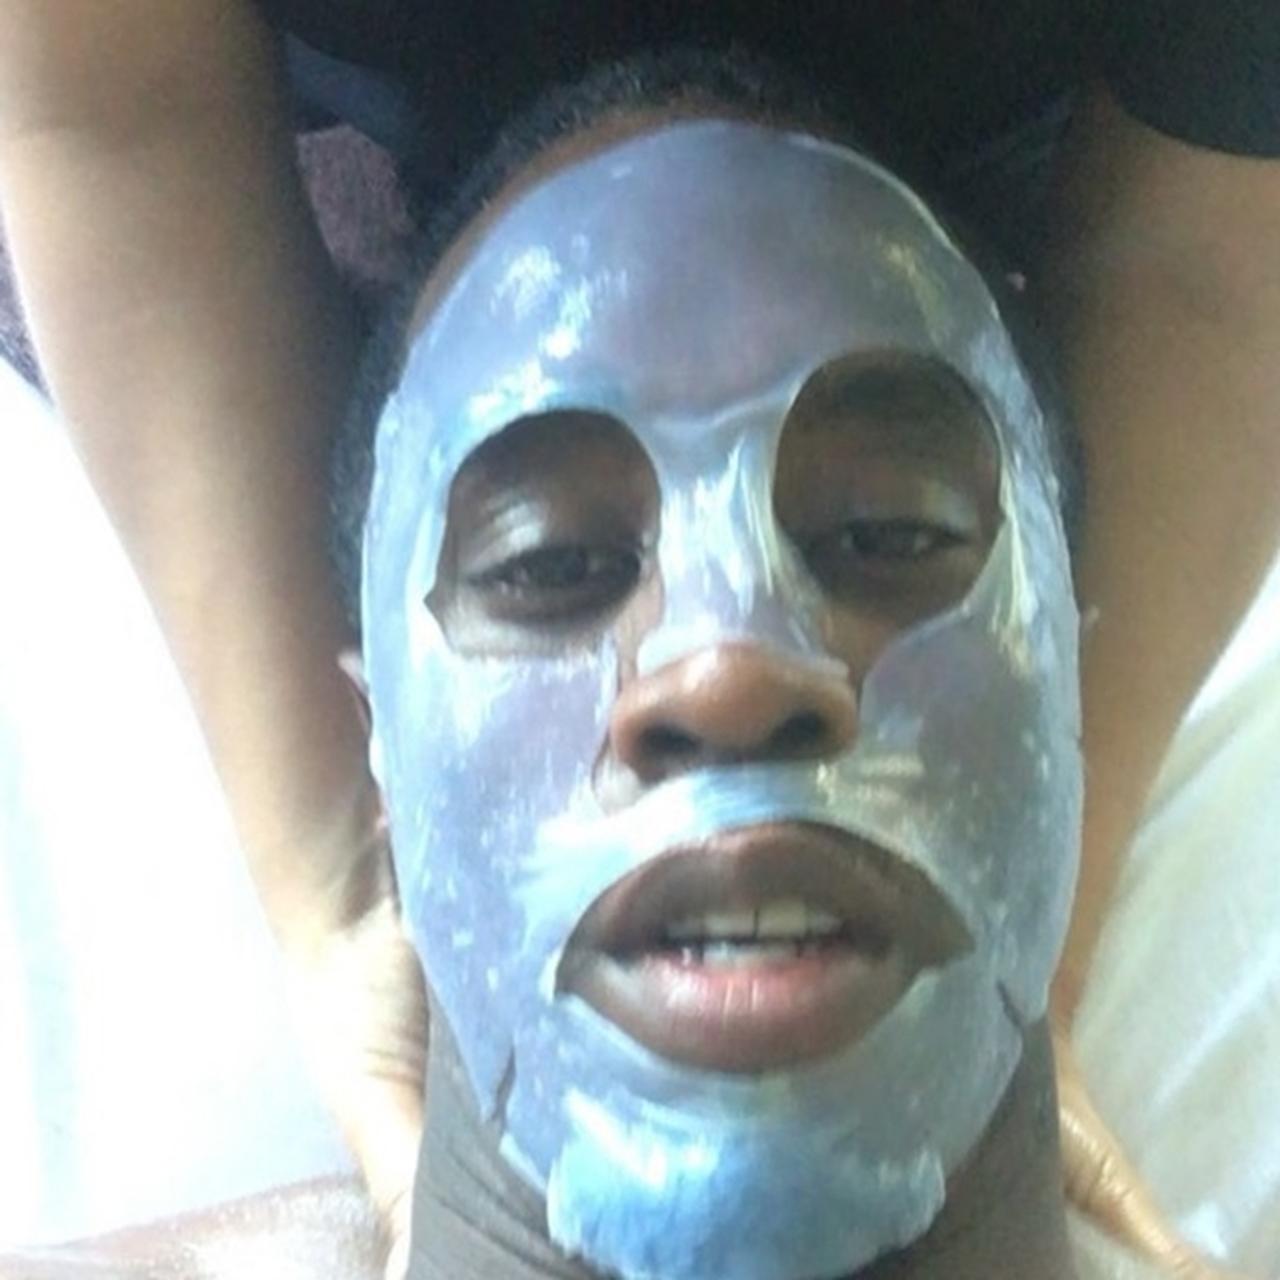 画像: ディディは、フェイスマスクで肌をケアしながら、マッサージもしてもらうという至福のひと時を体験。 © Diddy